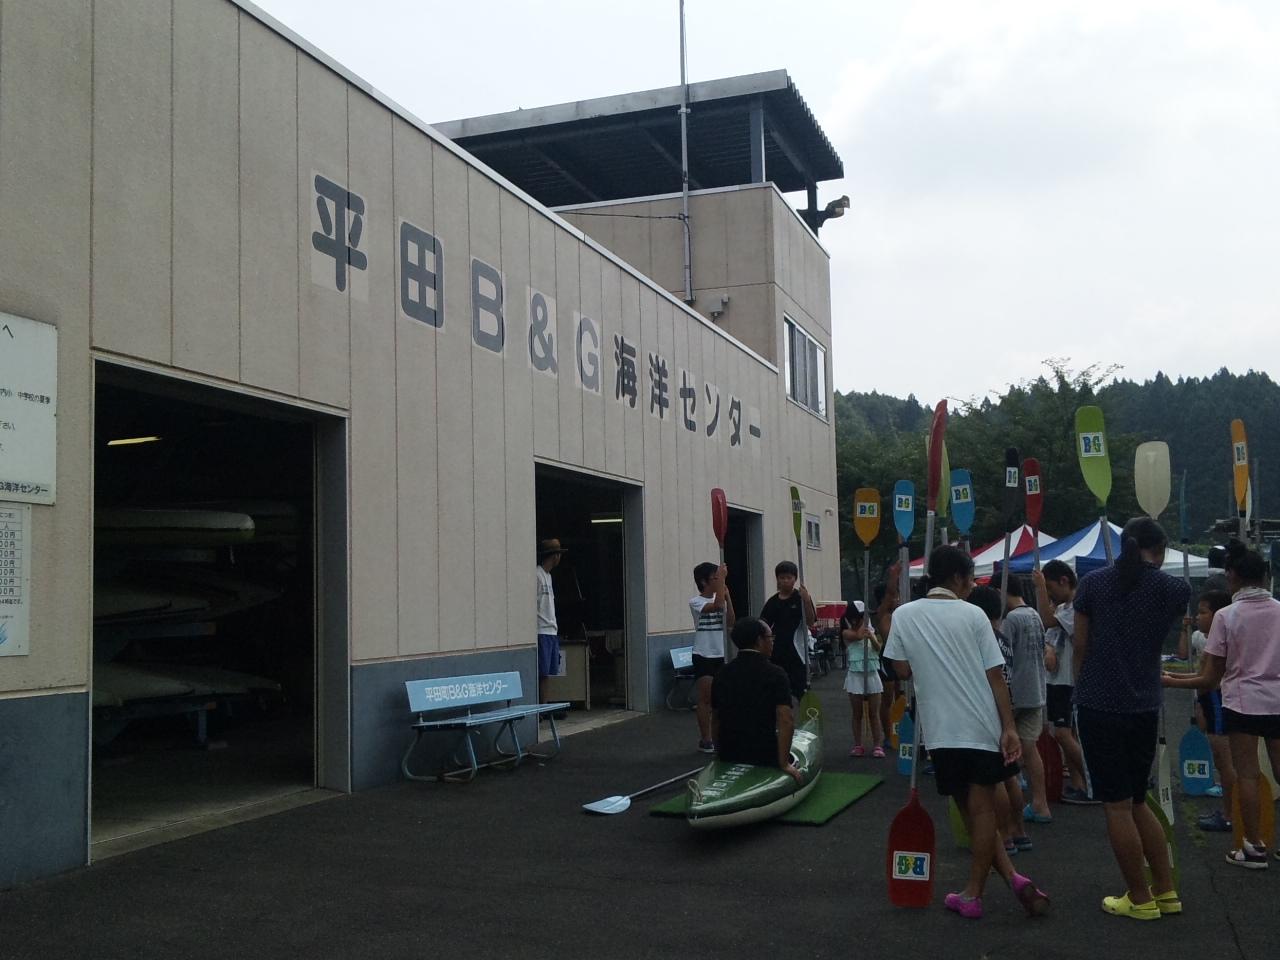 平田B&G海洋センター